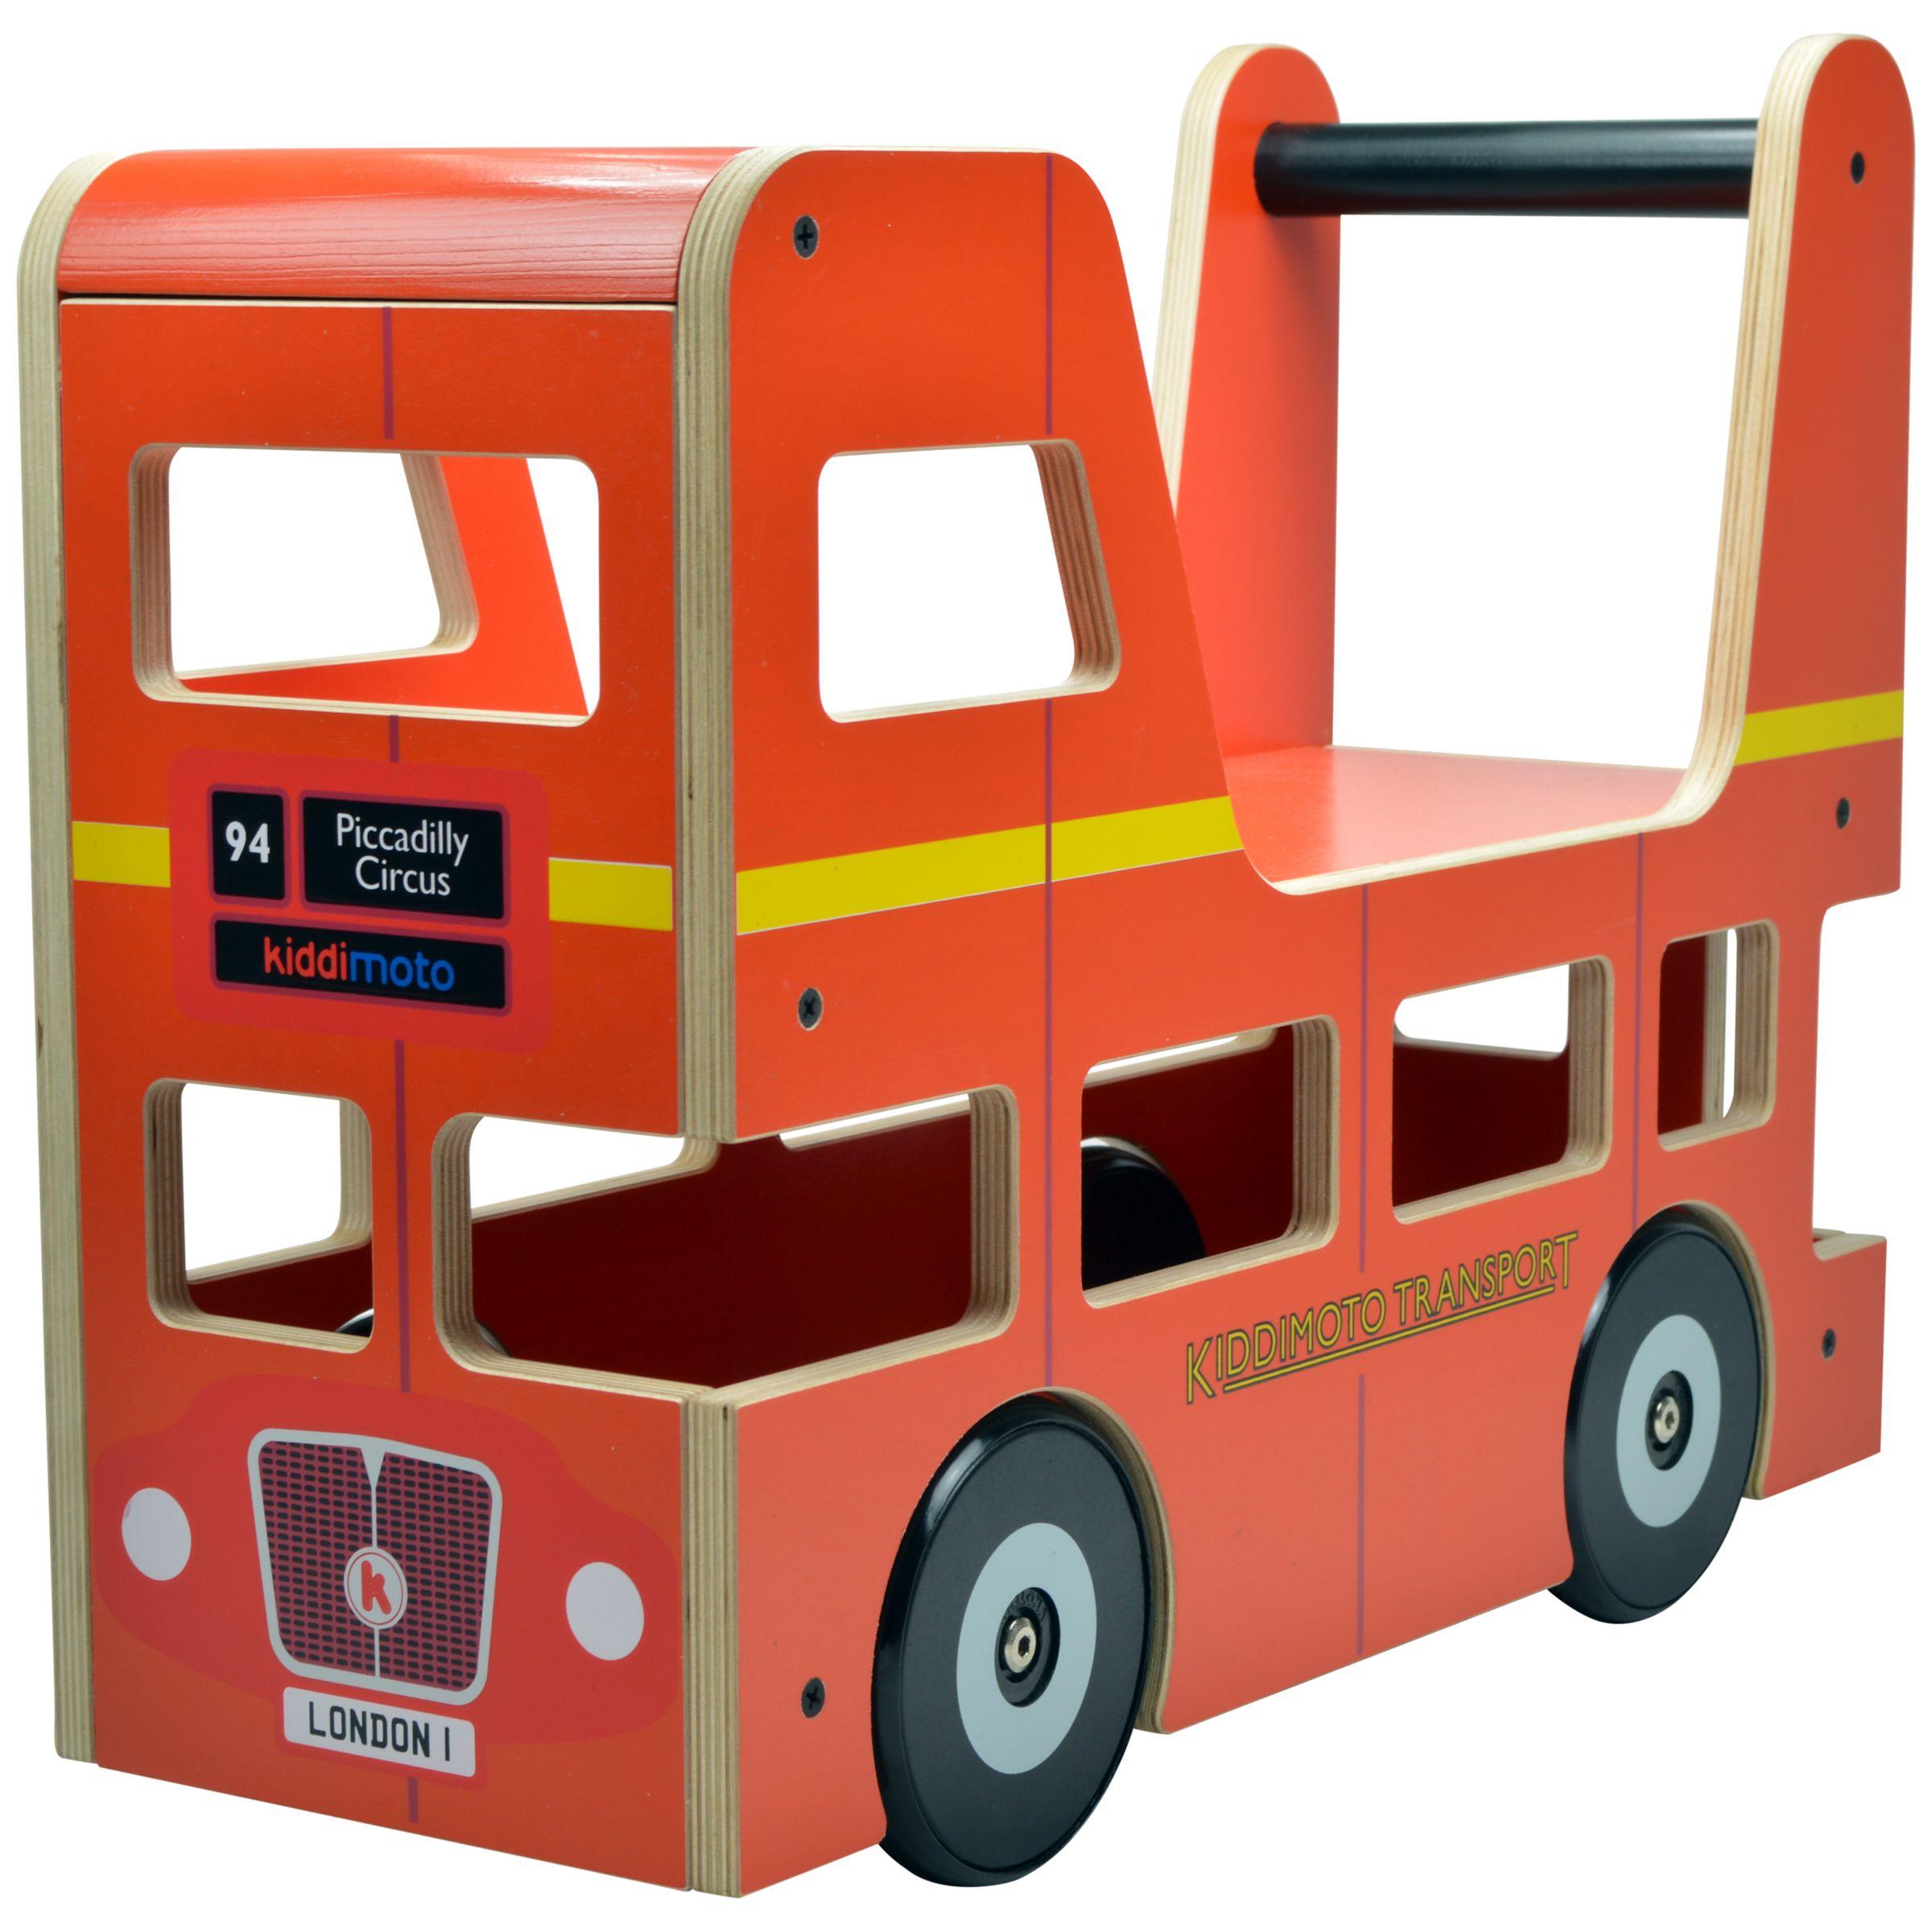 Kiddimoto Kiddimoto London Bus Ride-On Toy